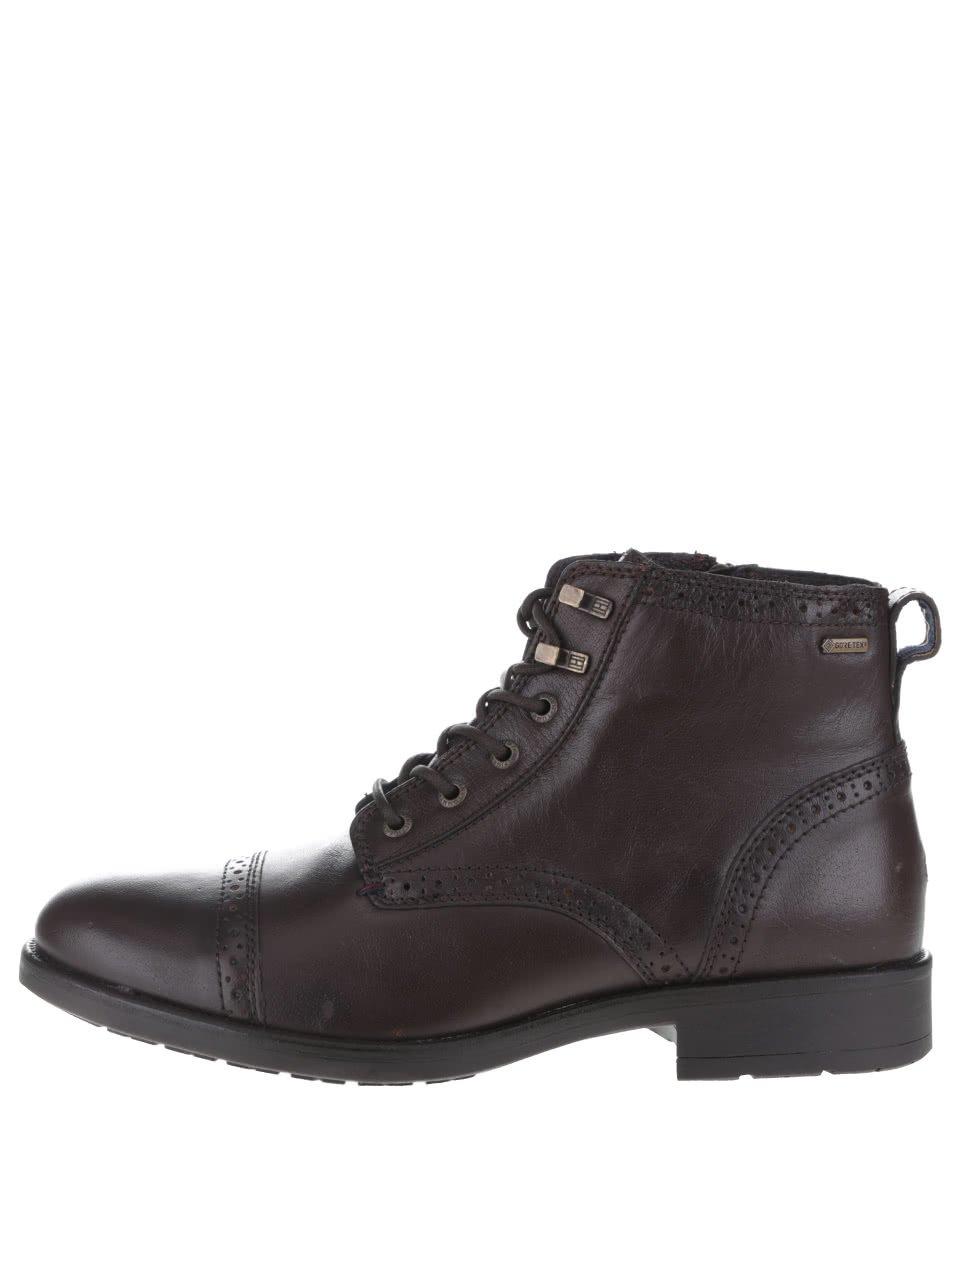 Tmavě hnědé pánské kožené kotníkové boty Tommy Hilfiger